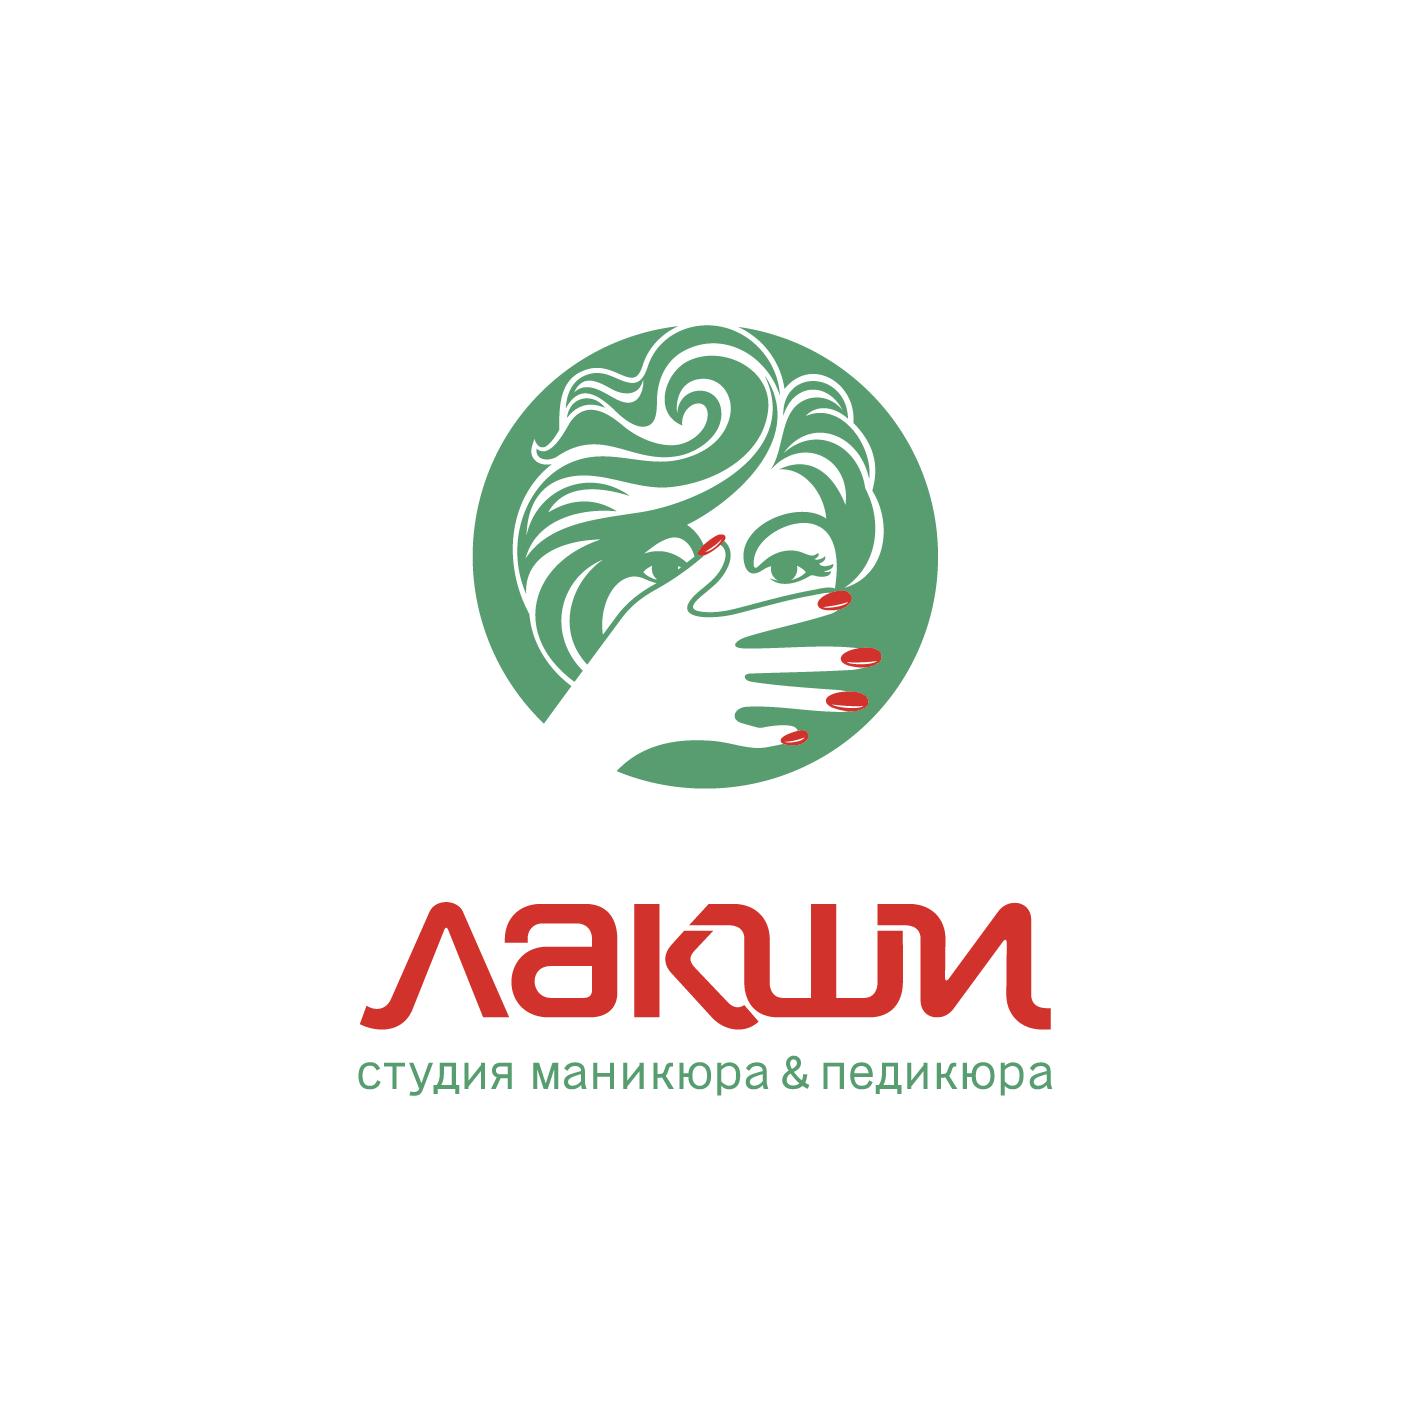 Разработка логотипа фирменного стиля фото f_2525c577166c3ea4.png